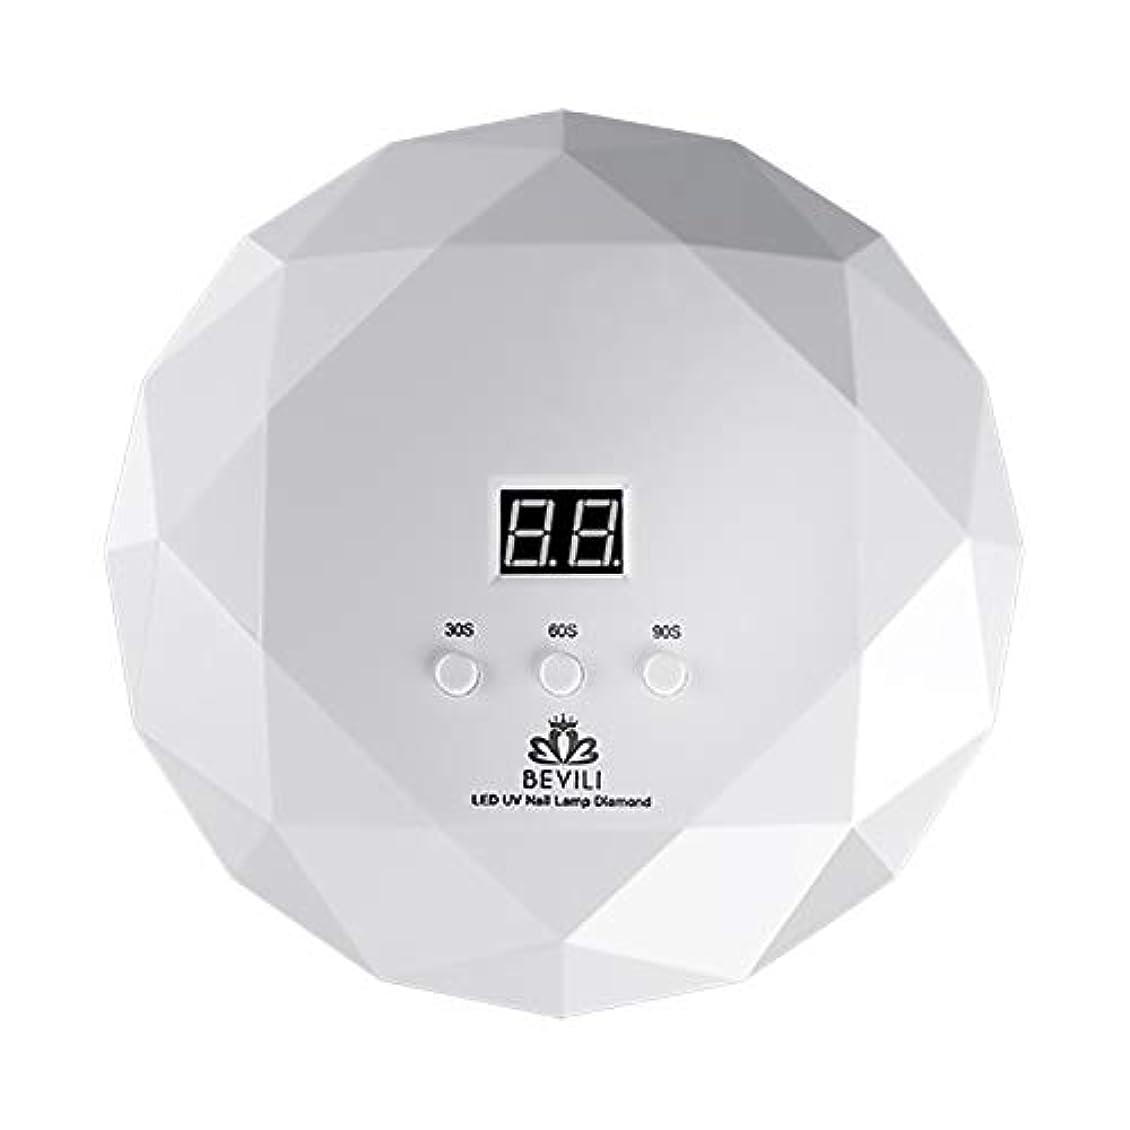 アクセスできない羊飼い高度LITI LEDネイルドライヤー UVネイルライト 36Wハイパワー 自動センサー 3段階タイマー設定 高速硬化ジェルネイルライト UVとLEDダブルライト肌をケア ジェルネイル用 ホワイト